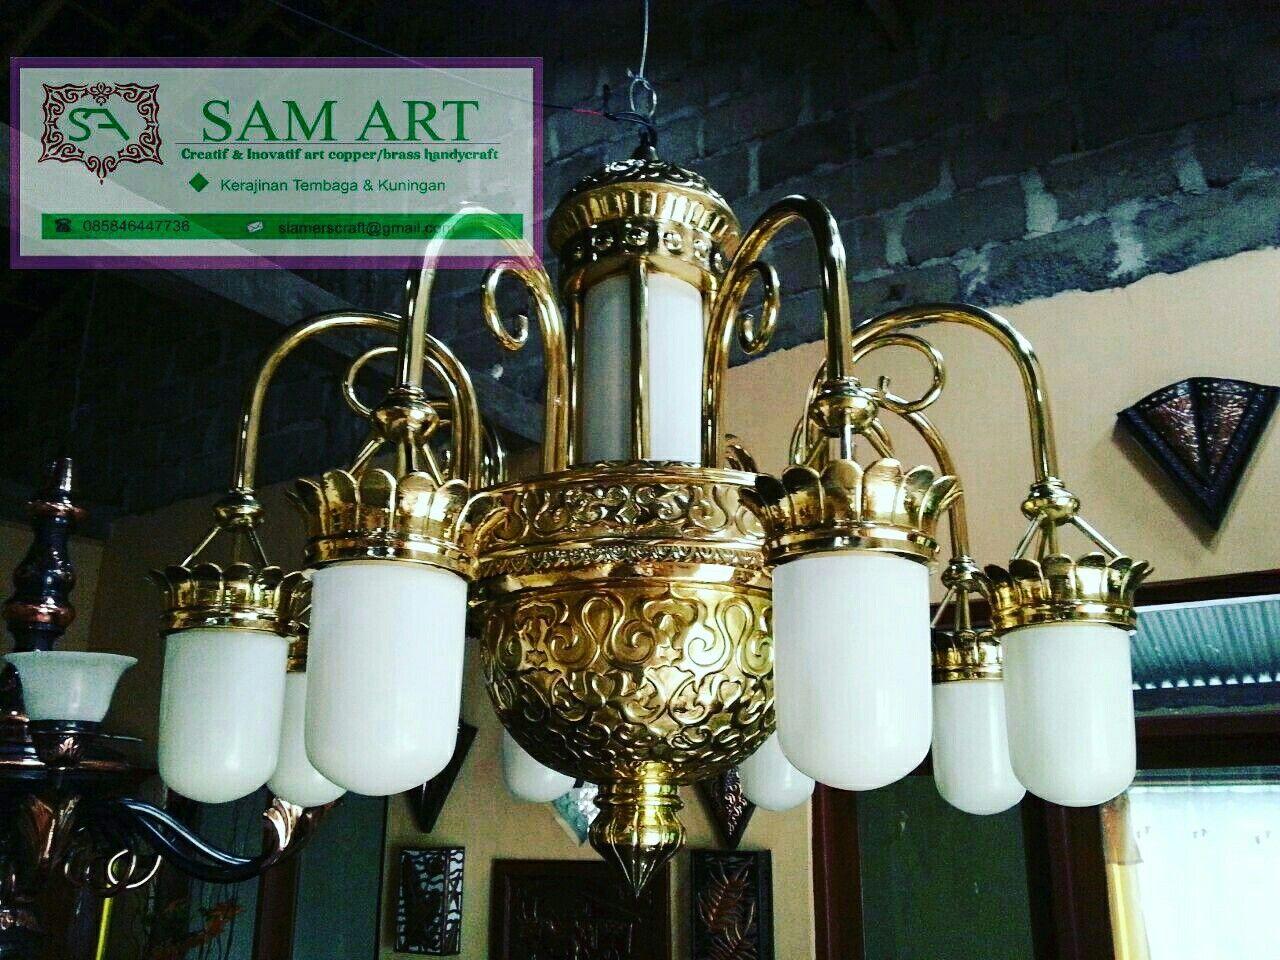 Lampu Gantung Unik Pinterest Art Pieces Tree Diy Wiring Rumah Branches How To Make Artworks